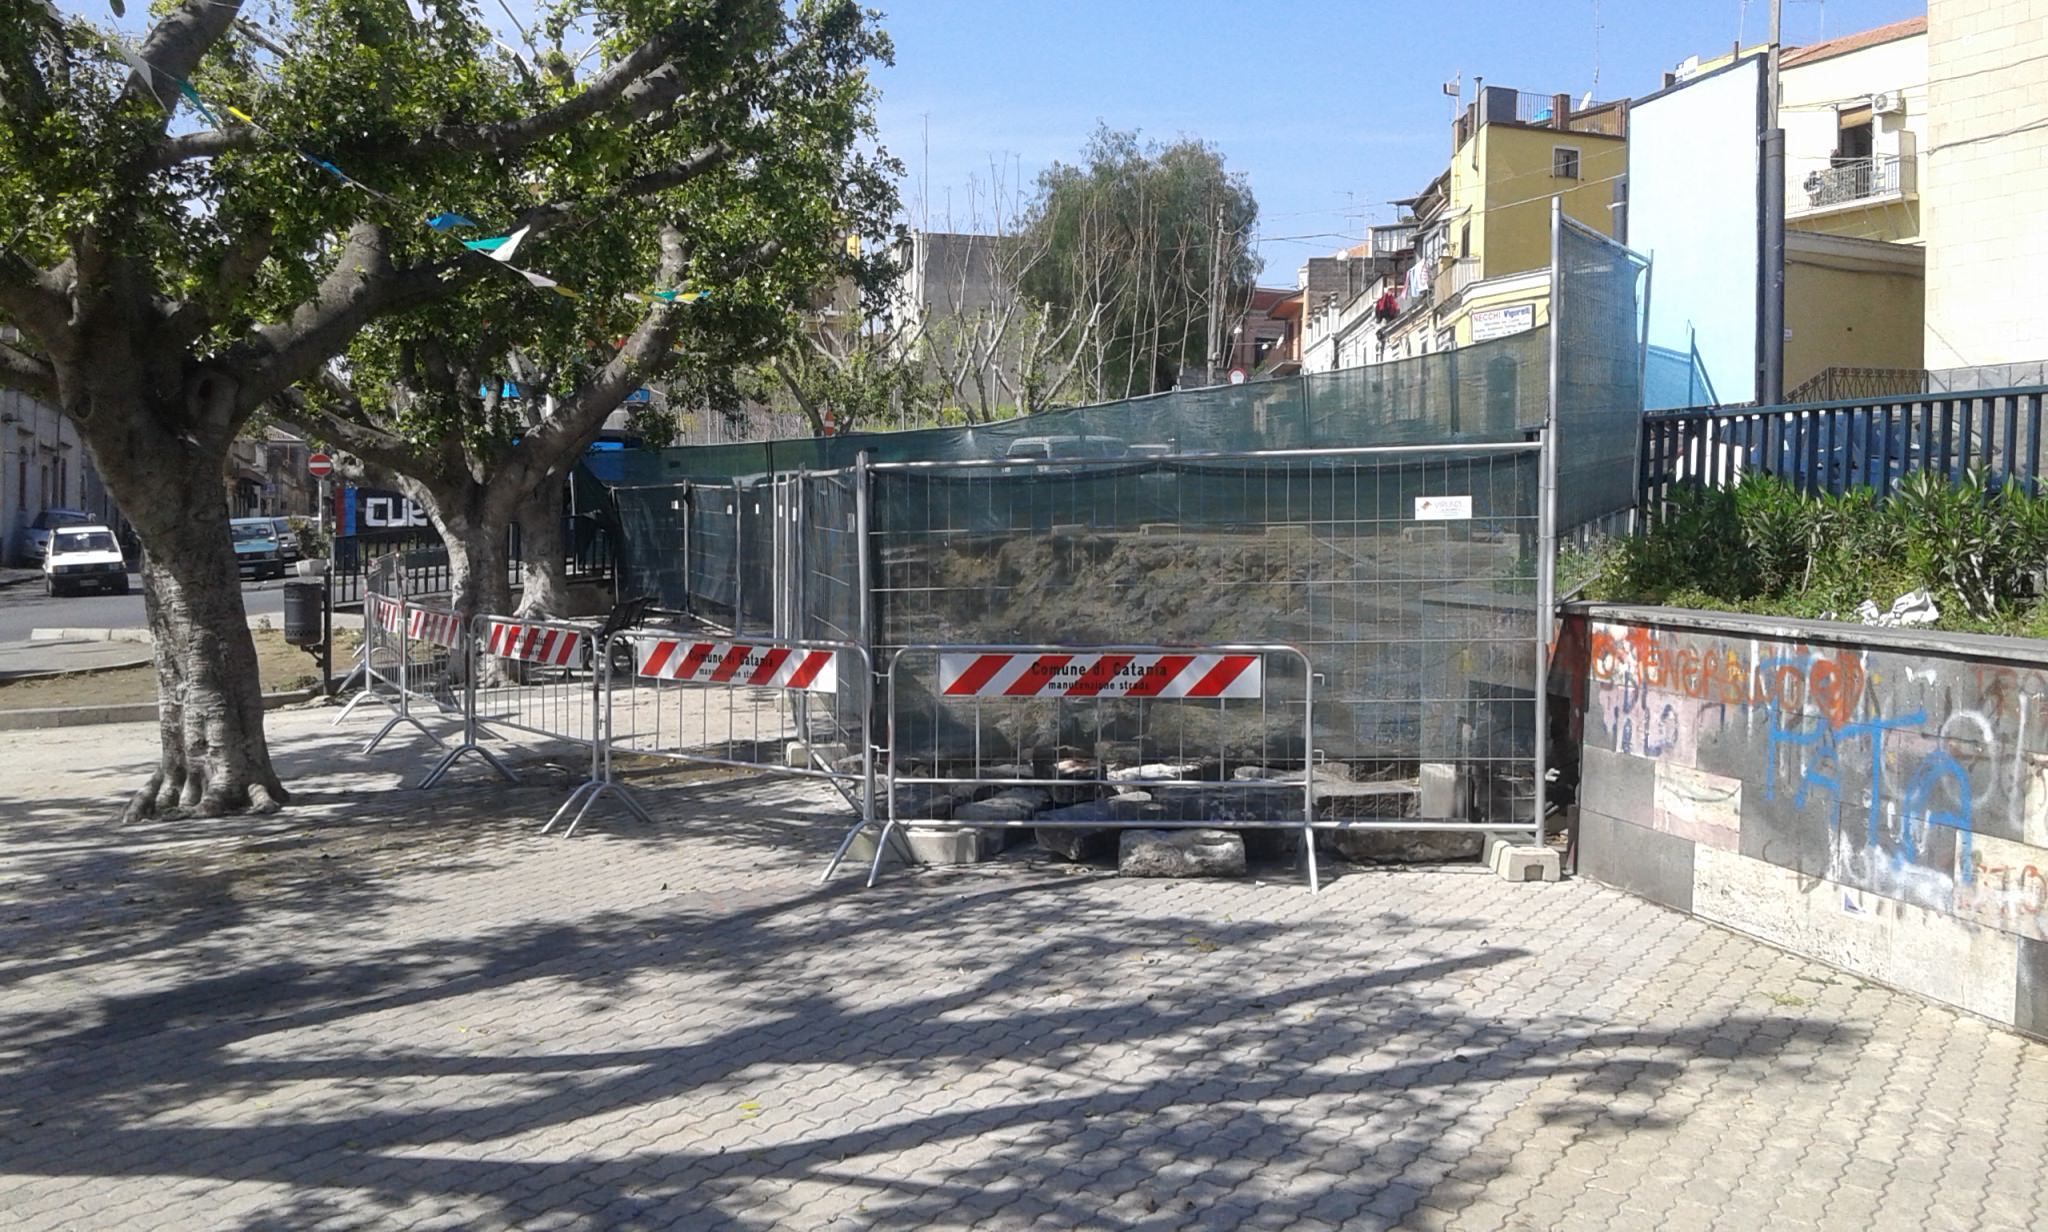 piazza bonadies cantiere a cielo aperto da ultimare (2)